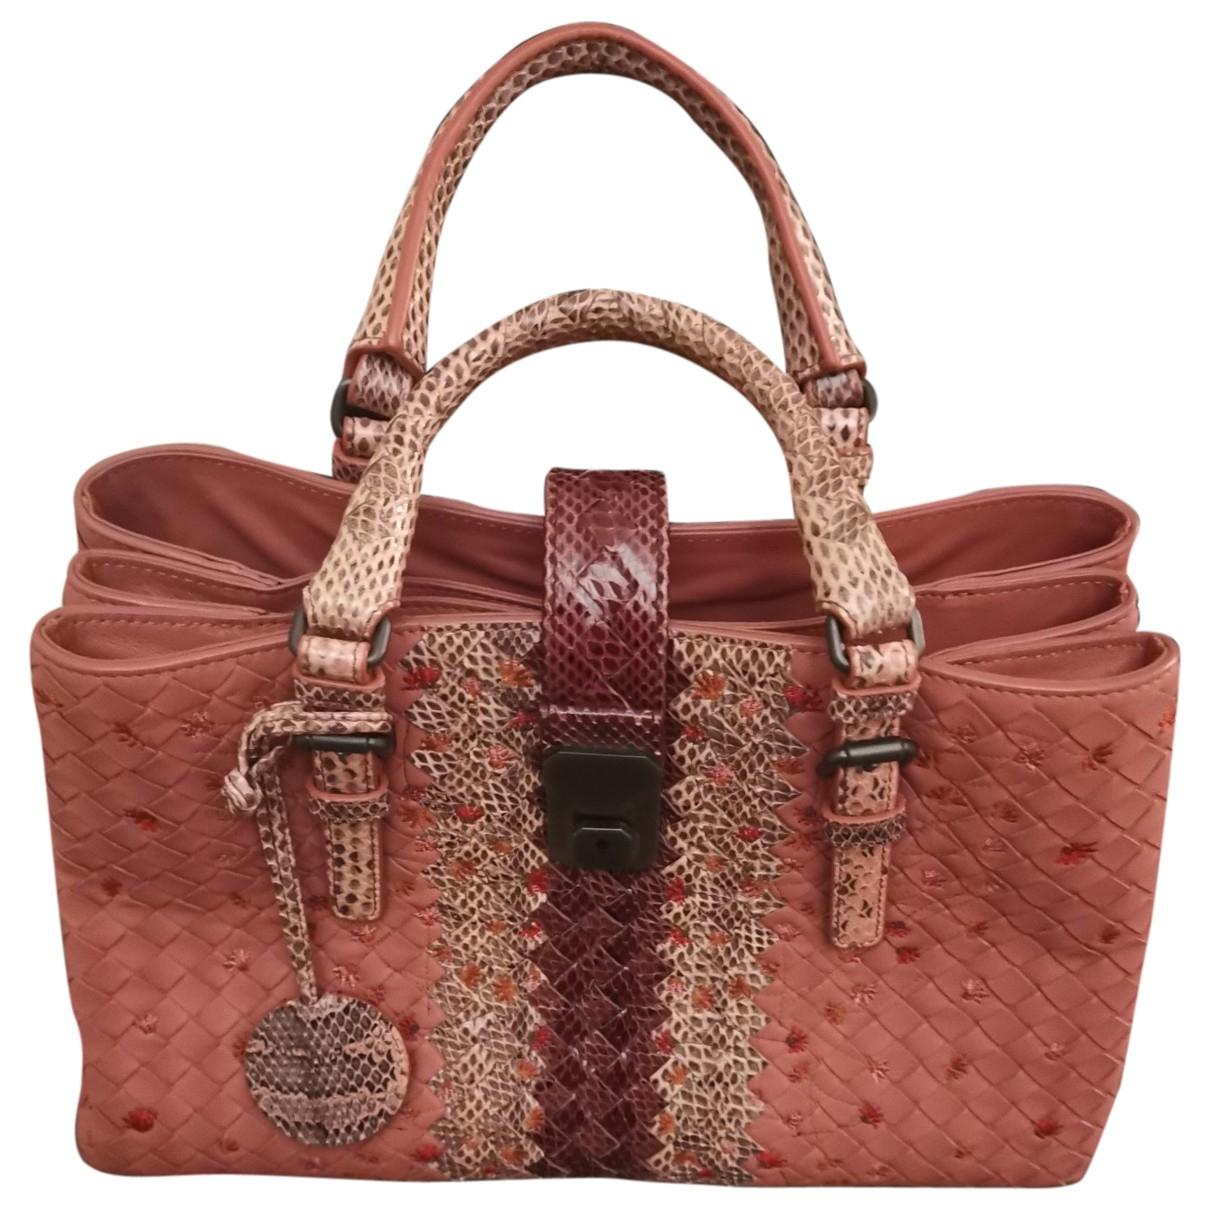 Bottega Veneta - Sac a main Roma pour femme en cuir - rose